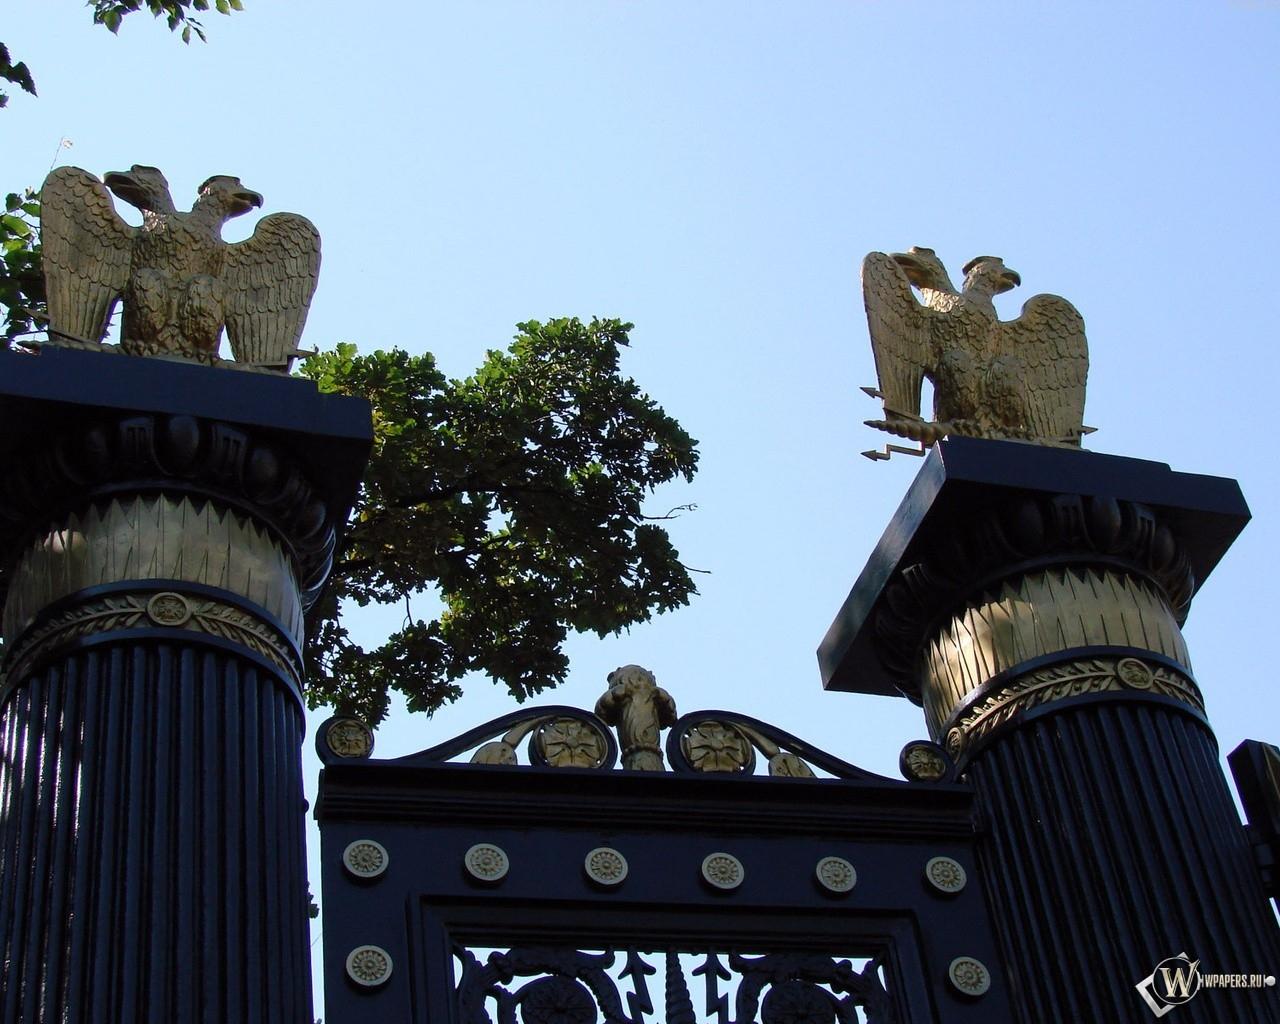 Двуглавый орёл на воротах (Москва) 1280x1024